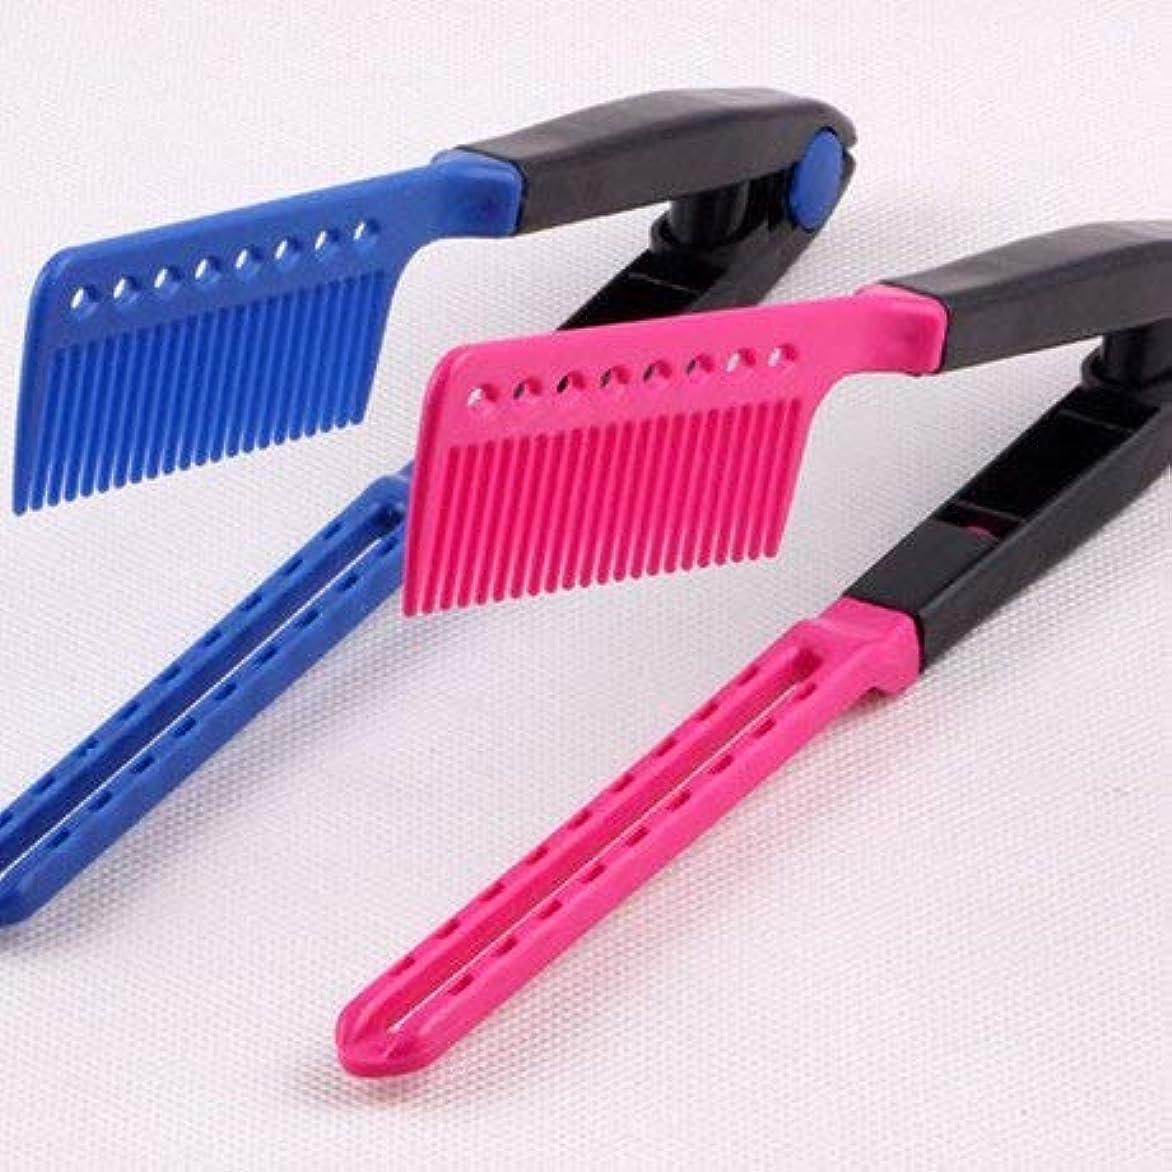 キャリア登山家暴力的なHair Straightening Comb, Haircut Anti-static V Shape Comb Clip Clamp Hairdressing Styling Tools(Rose_Red) [並行輸入品]